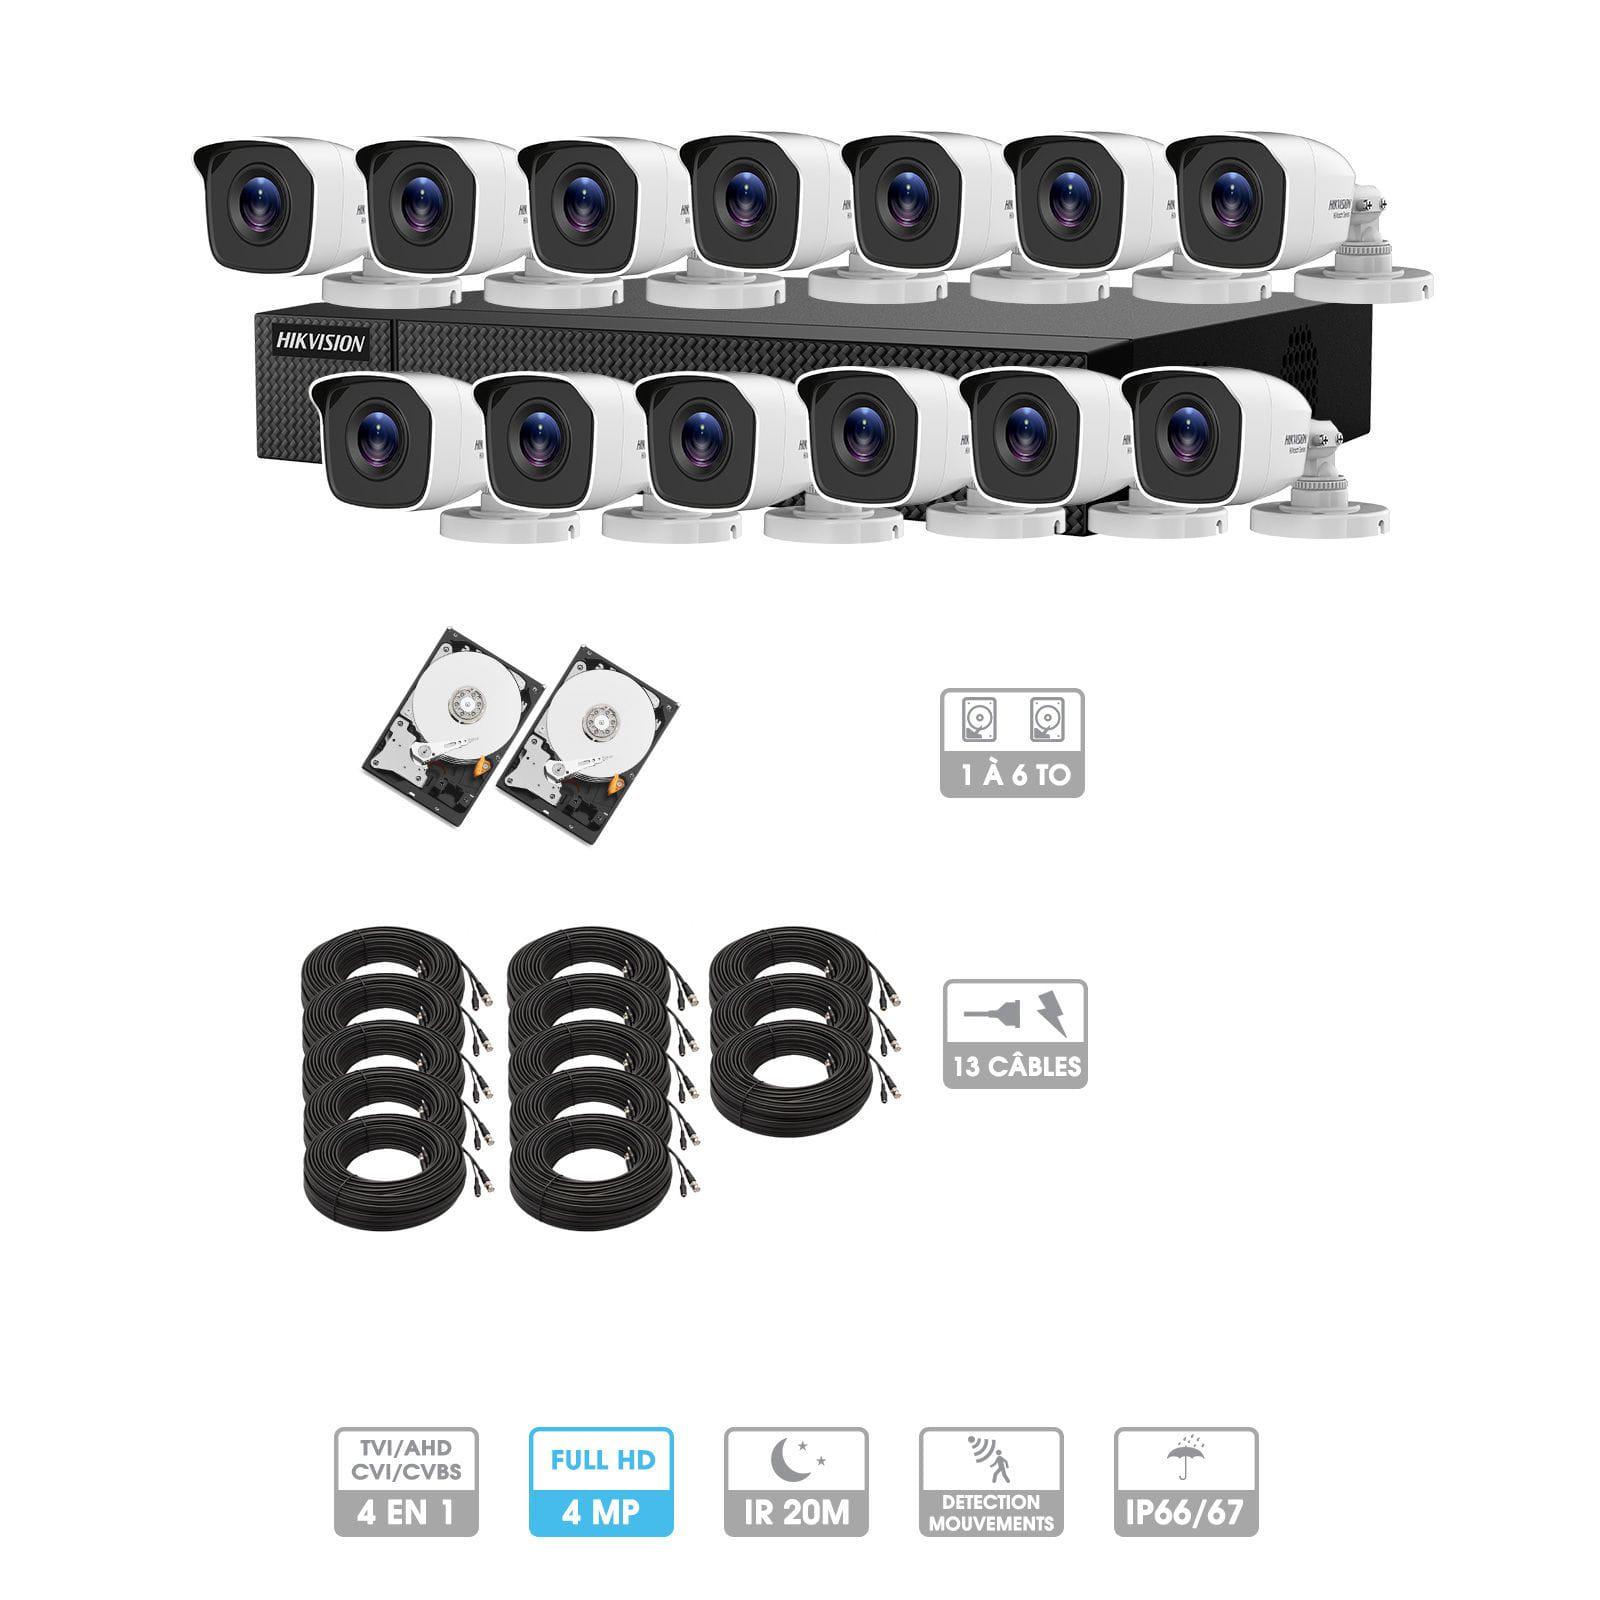 Kit vidéosurveillance 13 caméras | 4MP HD | 13 câbles 20 mètres | 2 HDD 1à 6 To | Tube Hiwatch